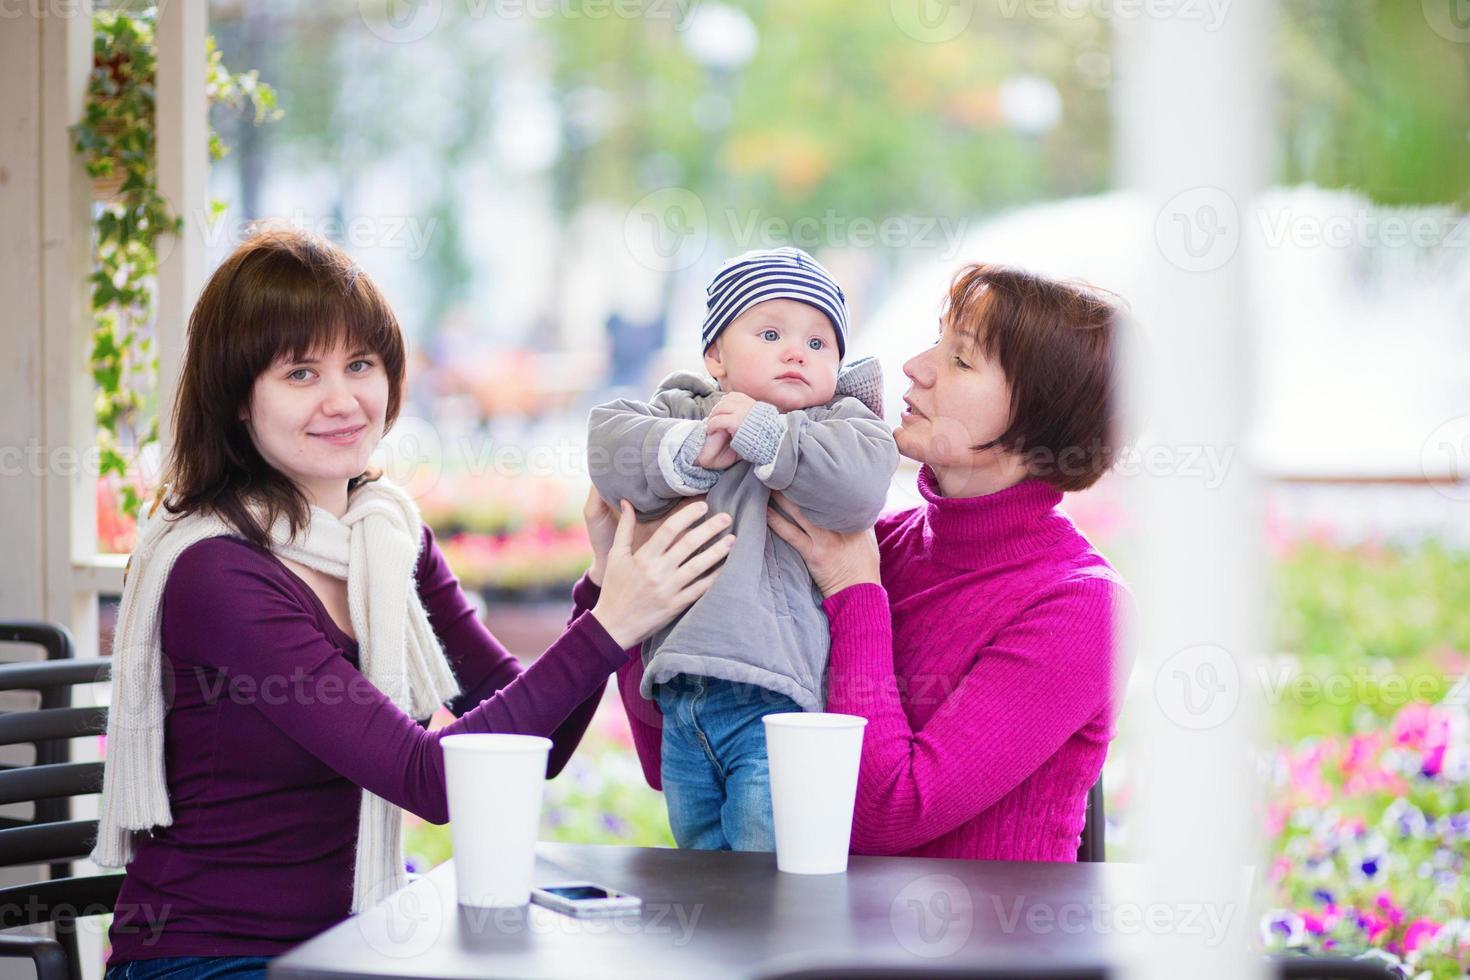 Familie mit drei Generationen in einem Café foto